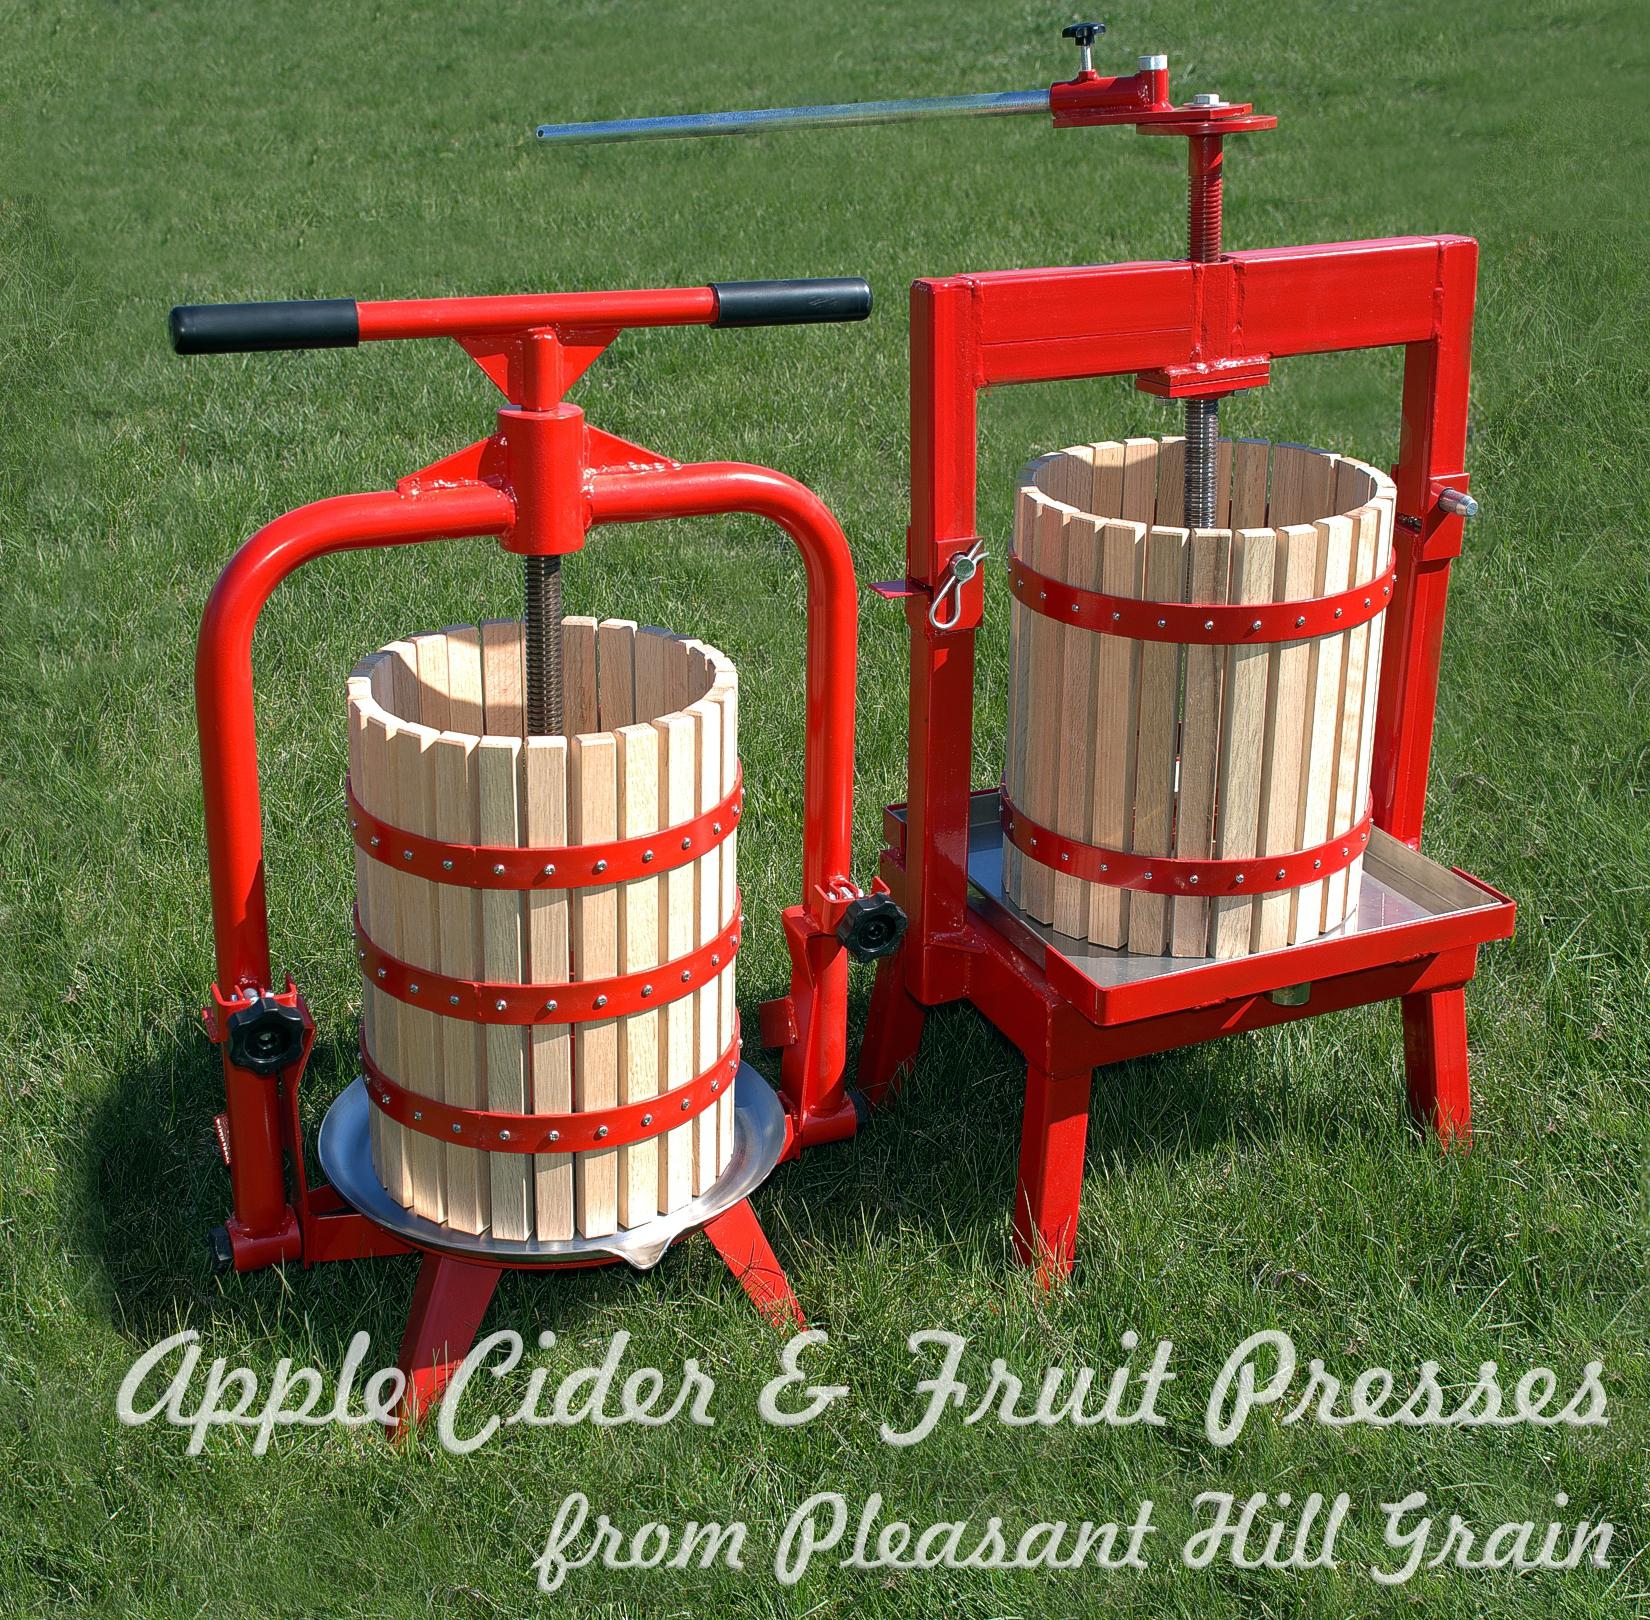 Fruit crusher grape apple crusher grinder for grape apple fruit - Fruit Presses